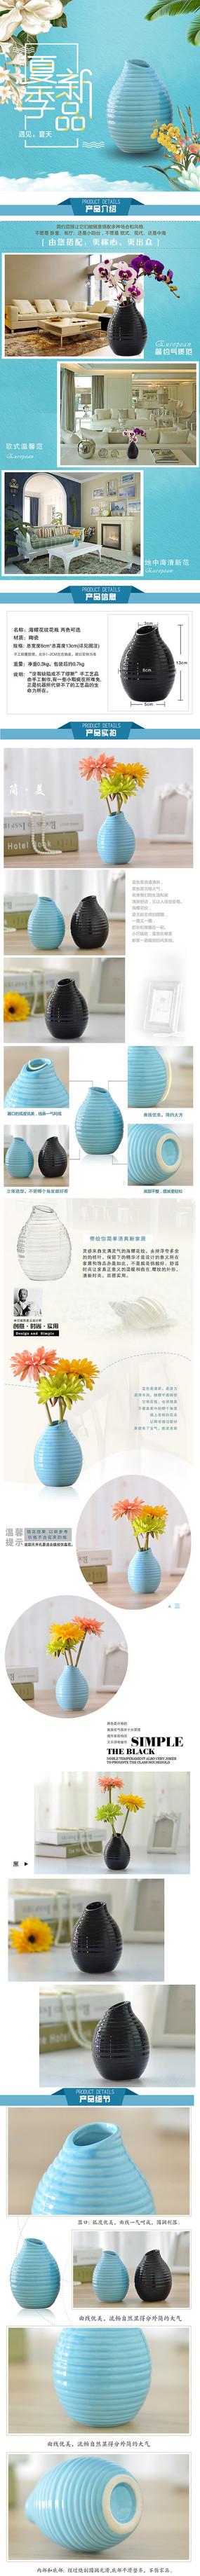 花瓶工艺品